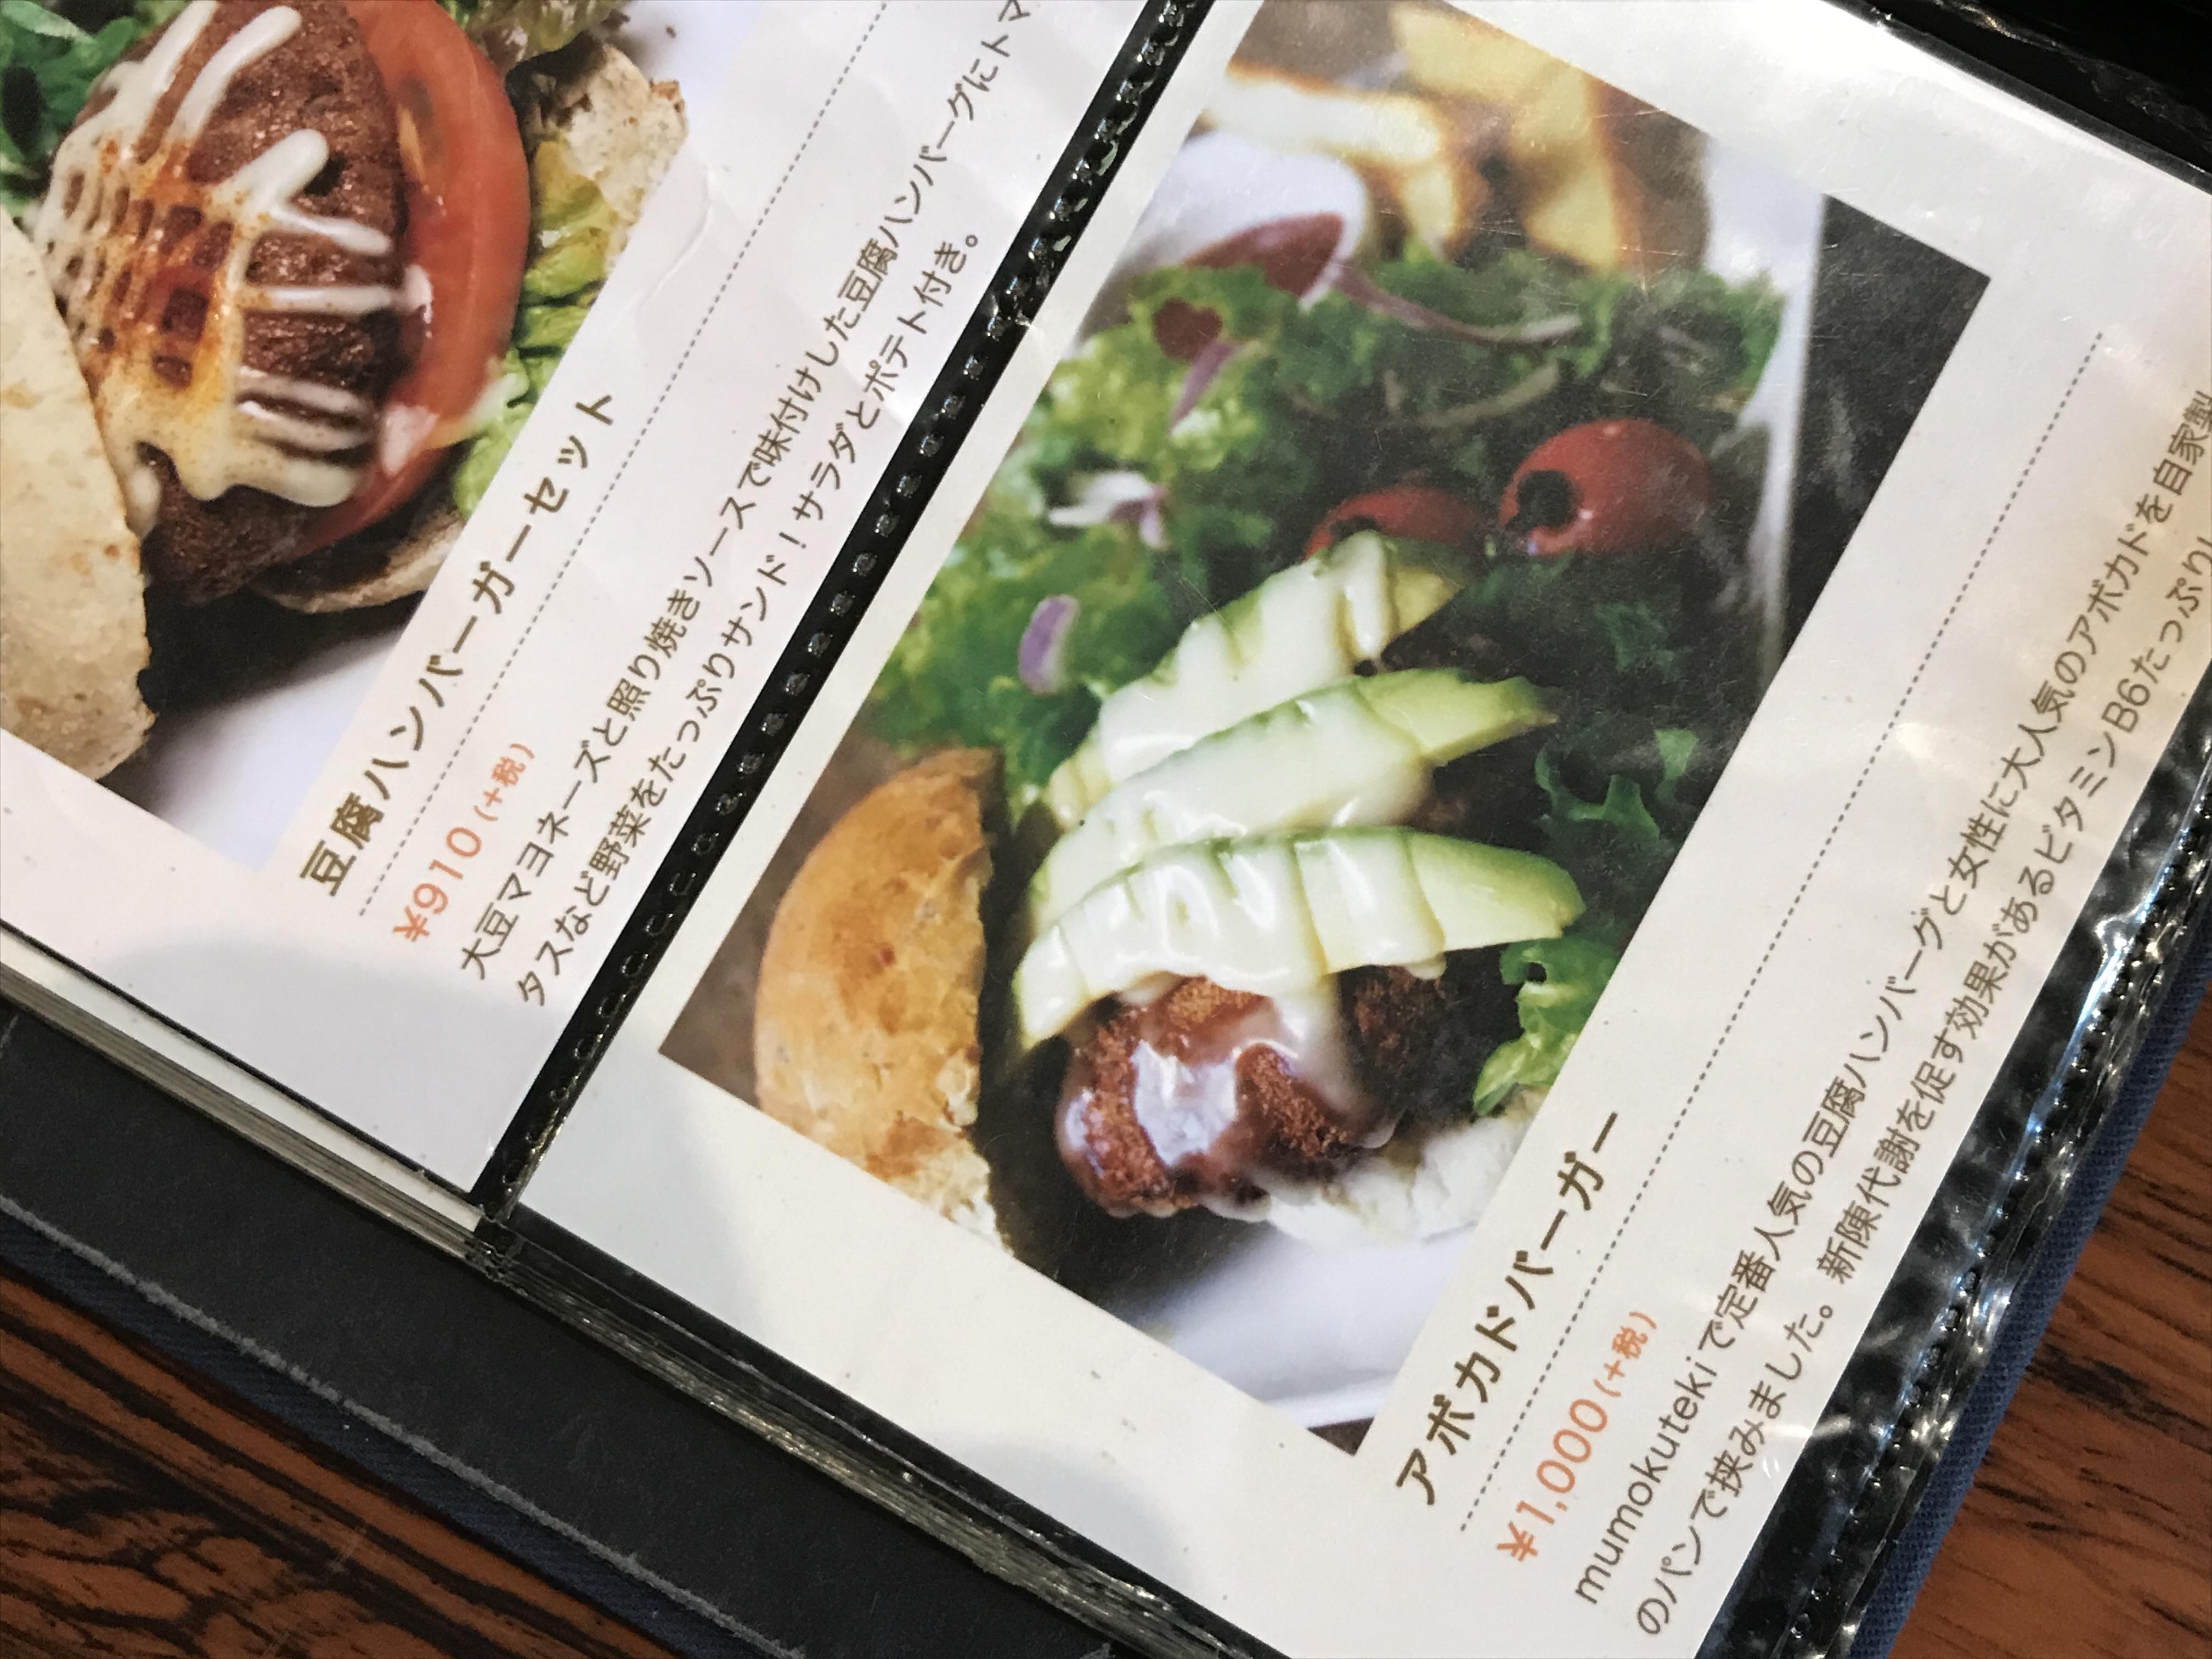 mumokuteki cafe & foods Kyoto -vegetarian friendly cafe- image03